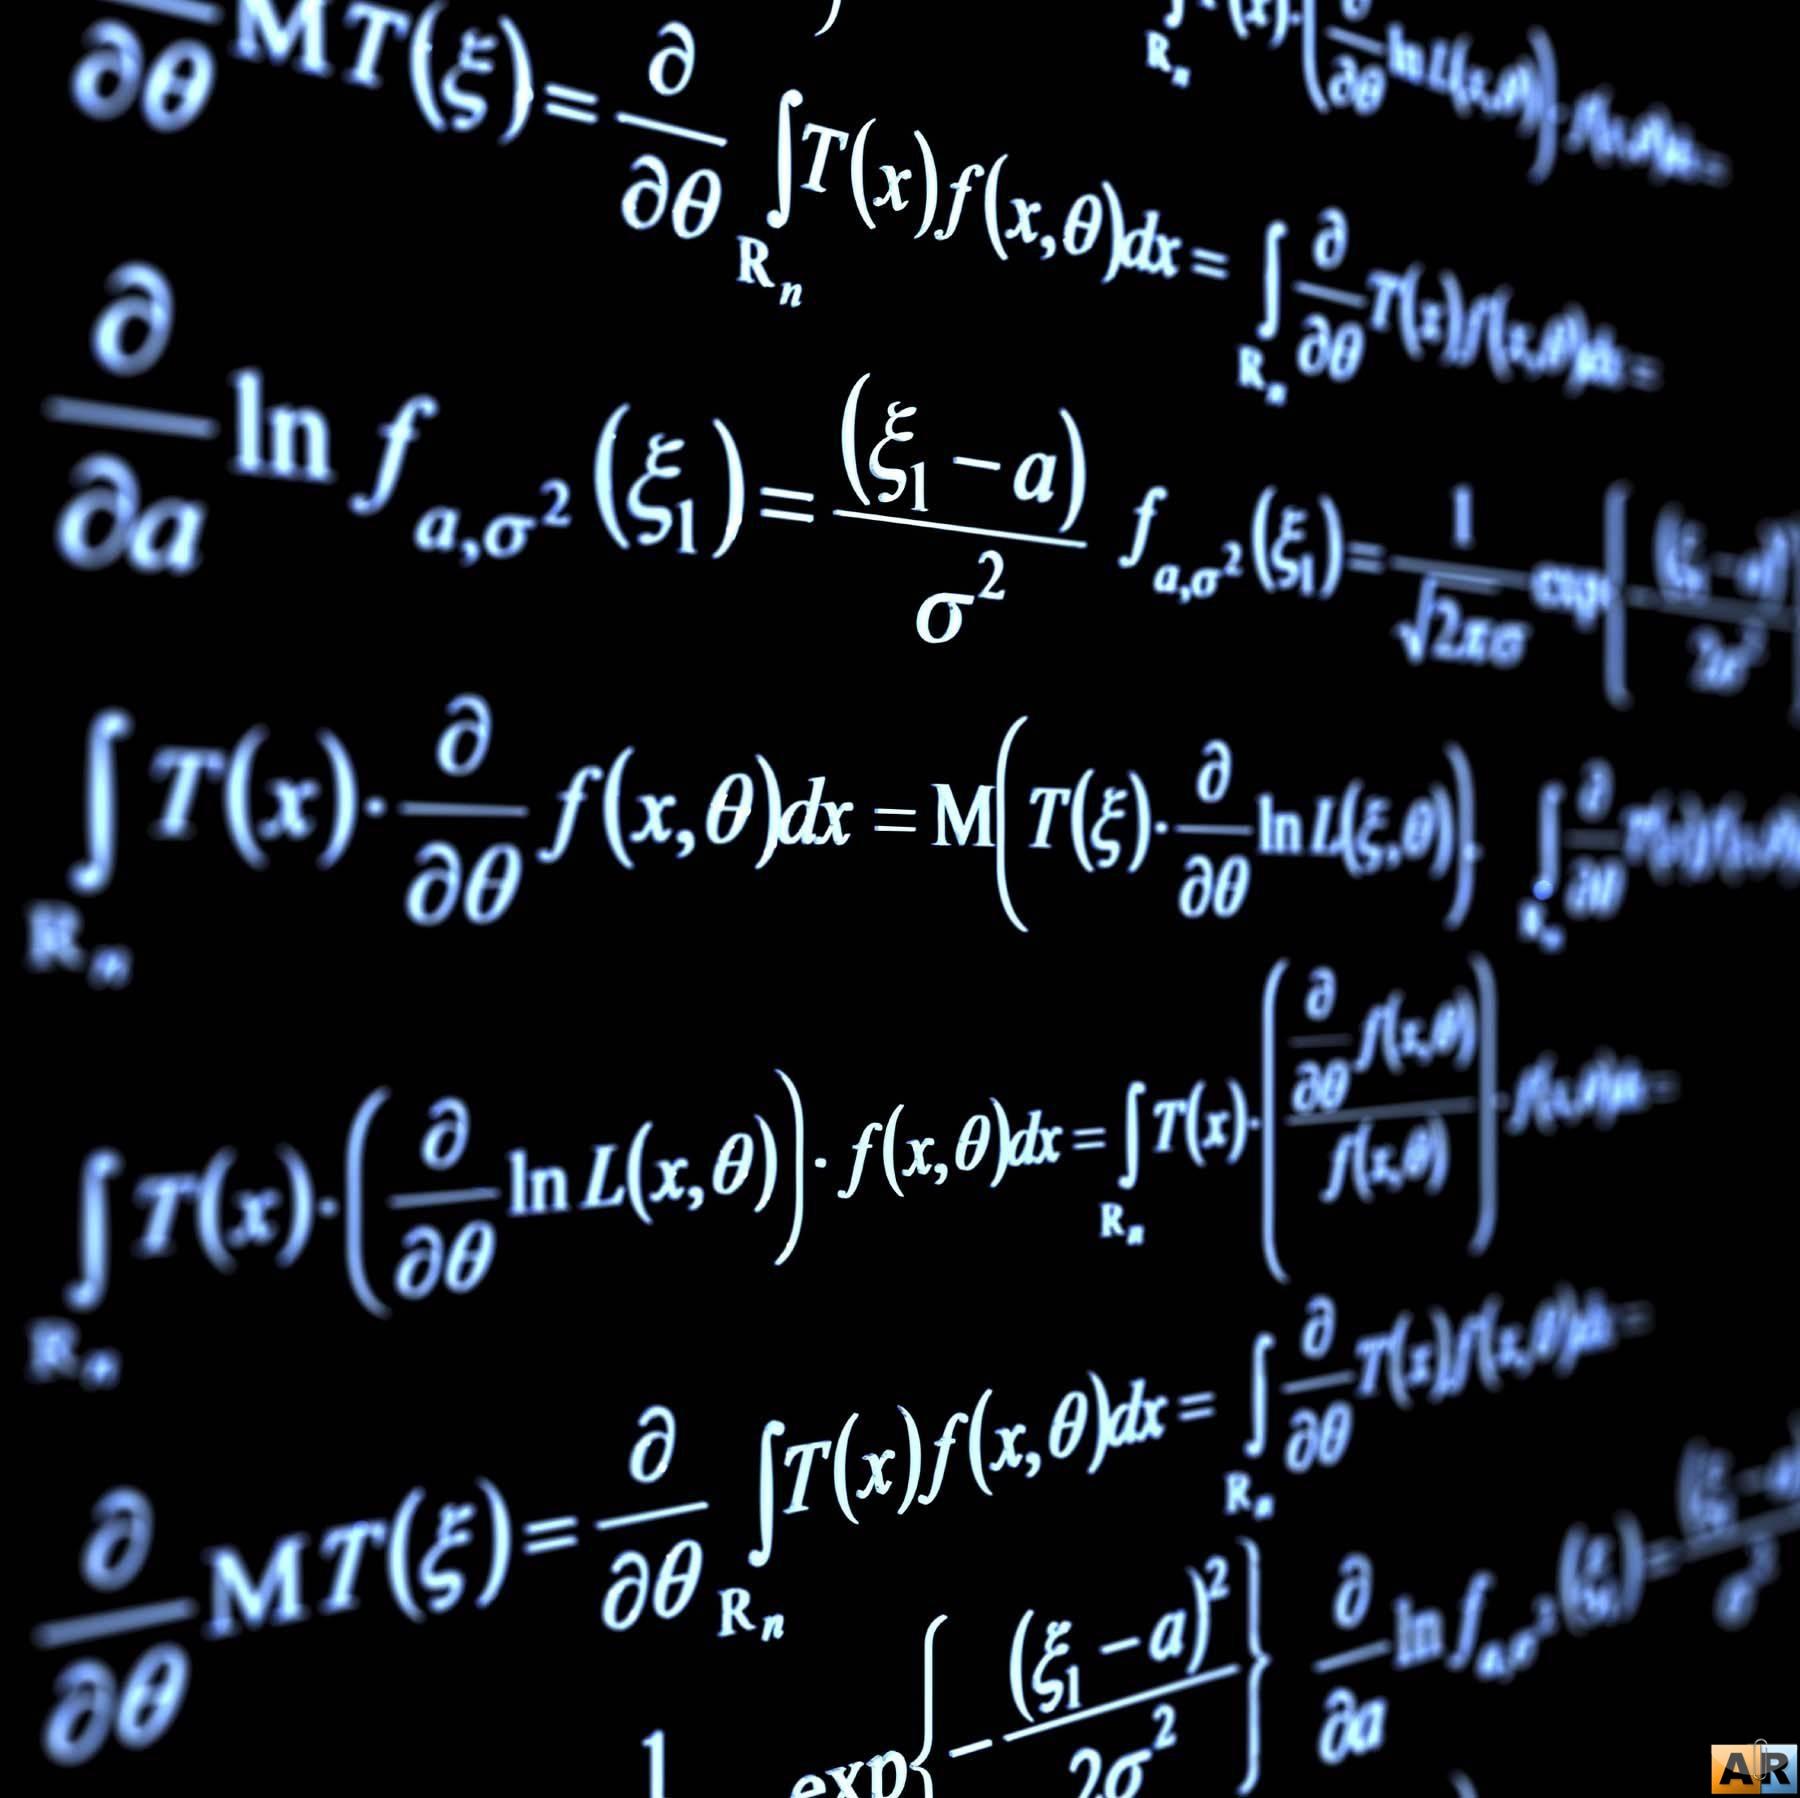 Mathematics Manipulation | Superpower Wiki | FANDOM powered by Wikia